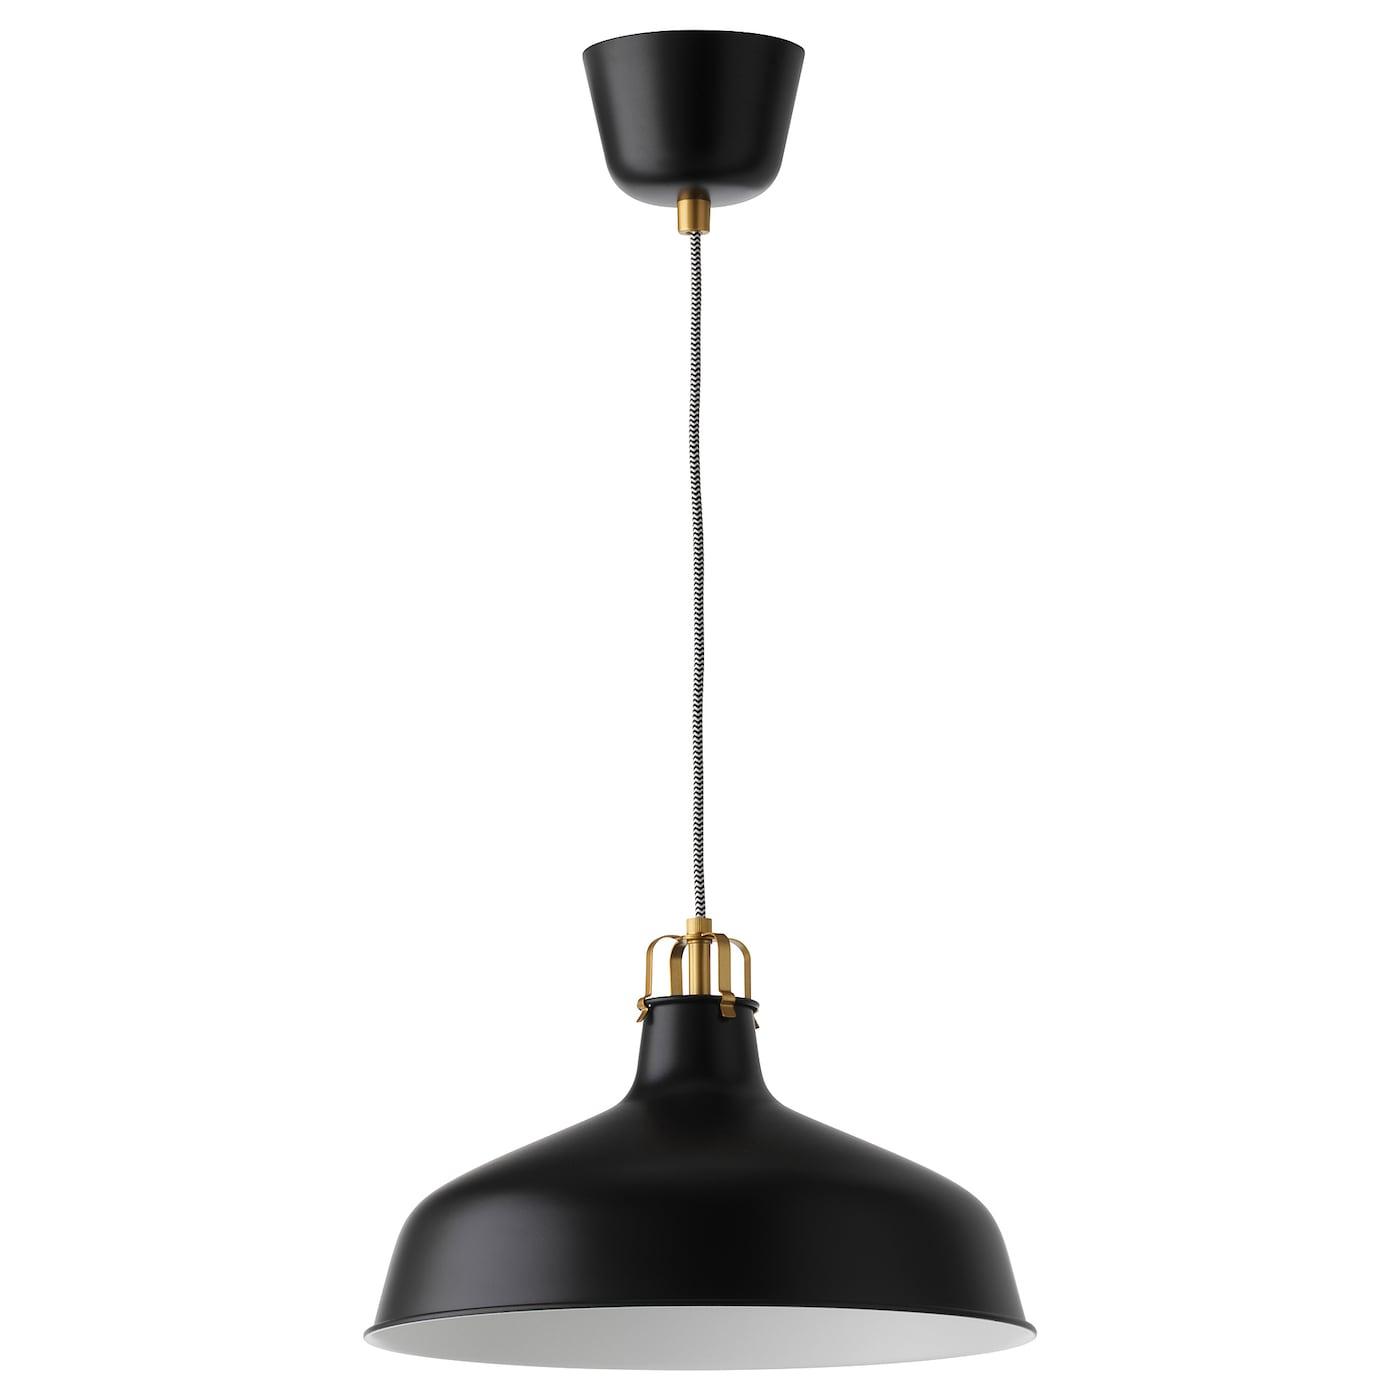 Lamparas De Techo Iluminacion Compra Online Ikea